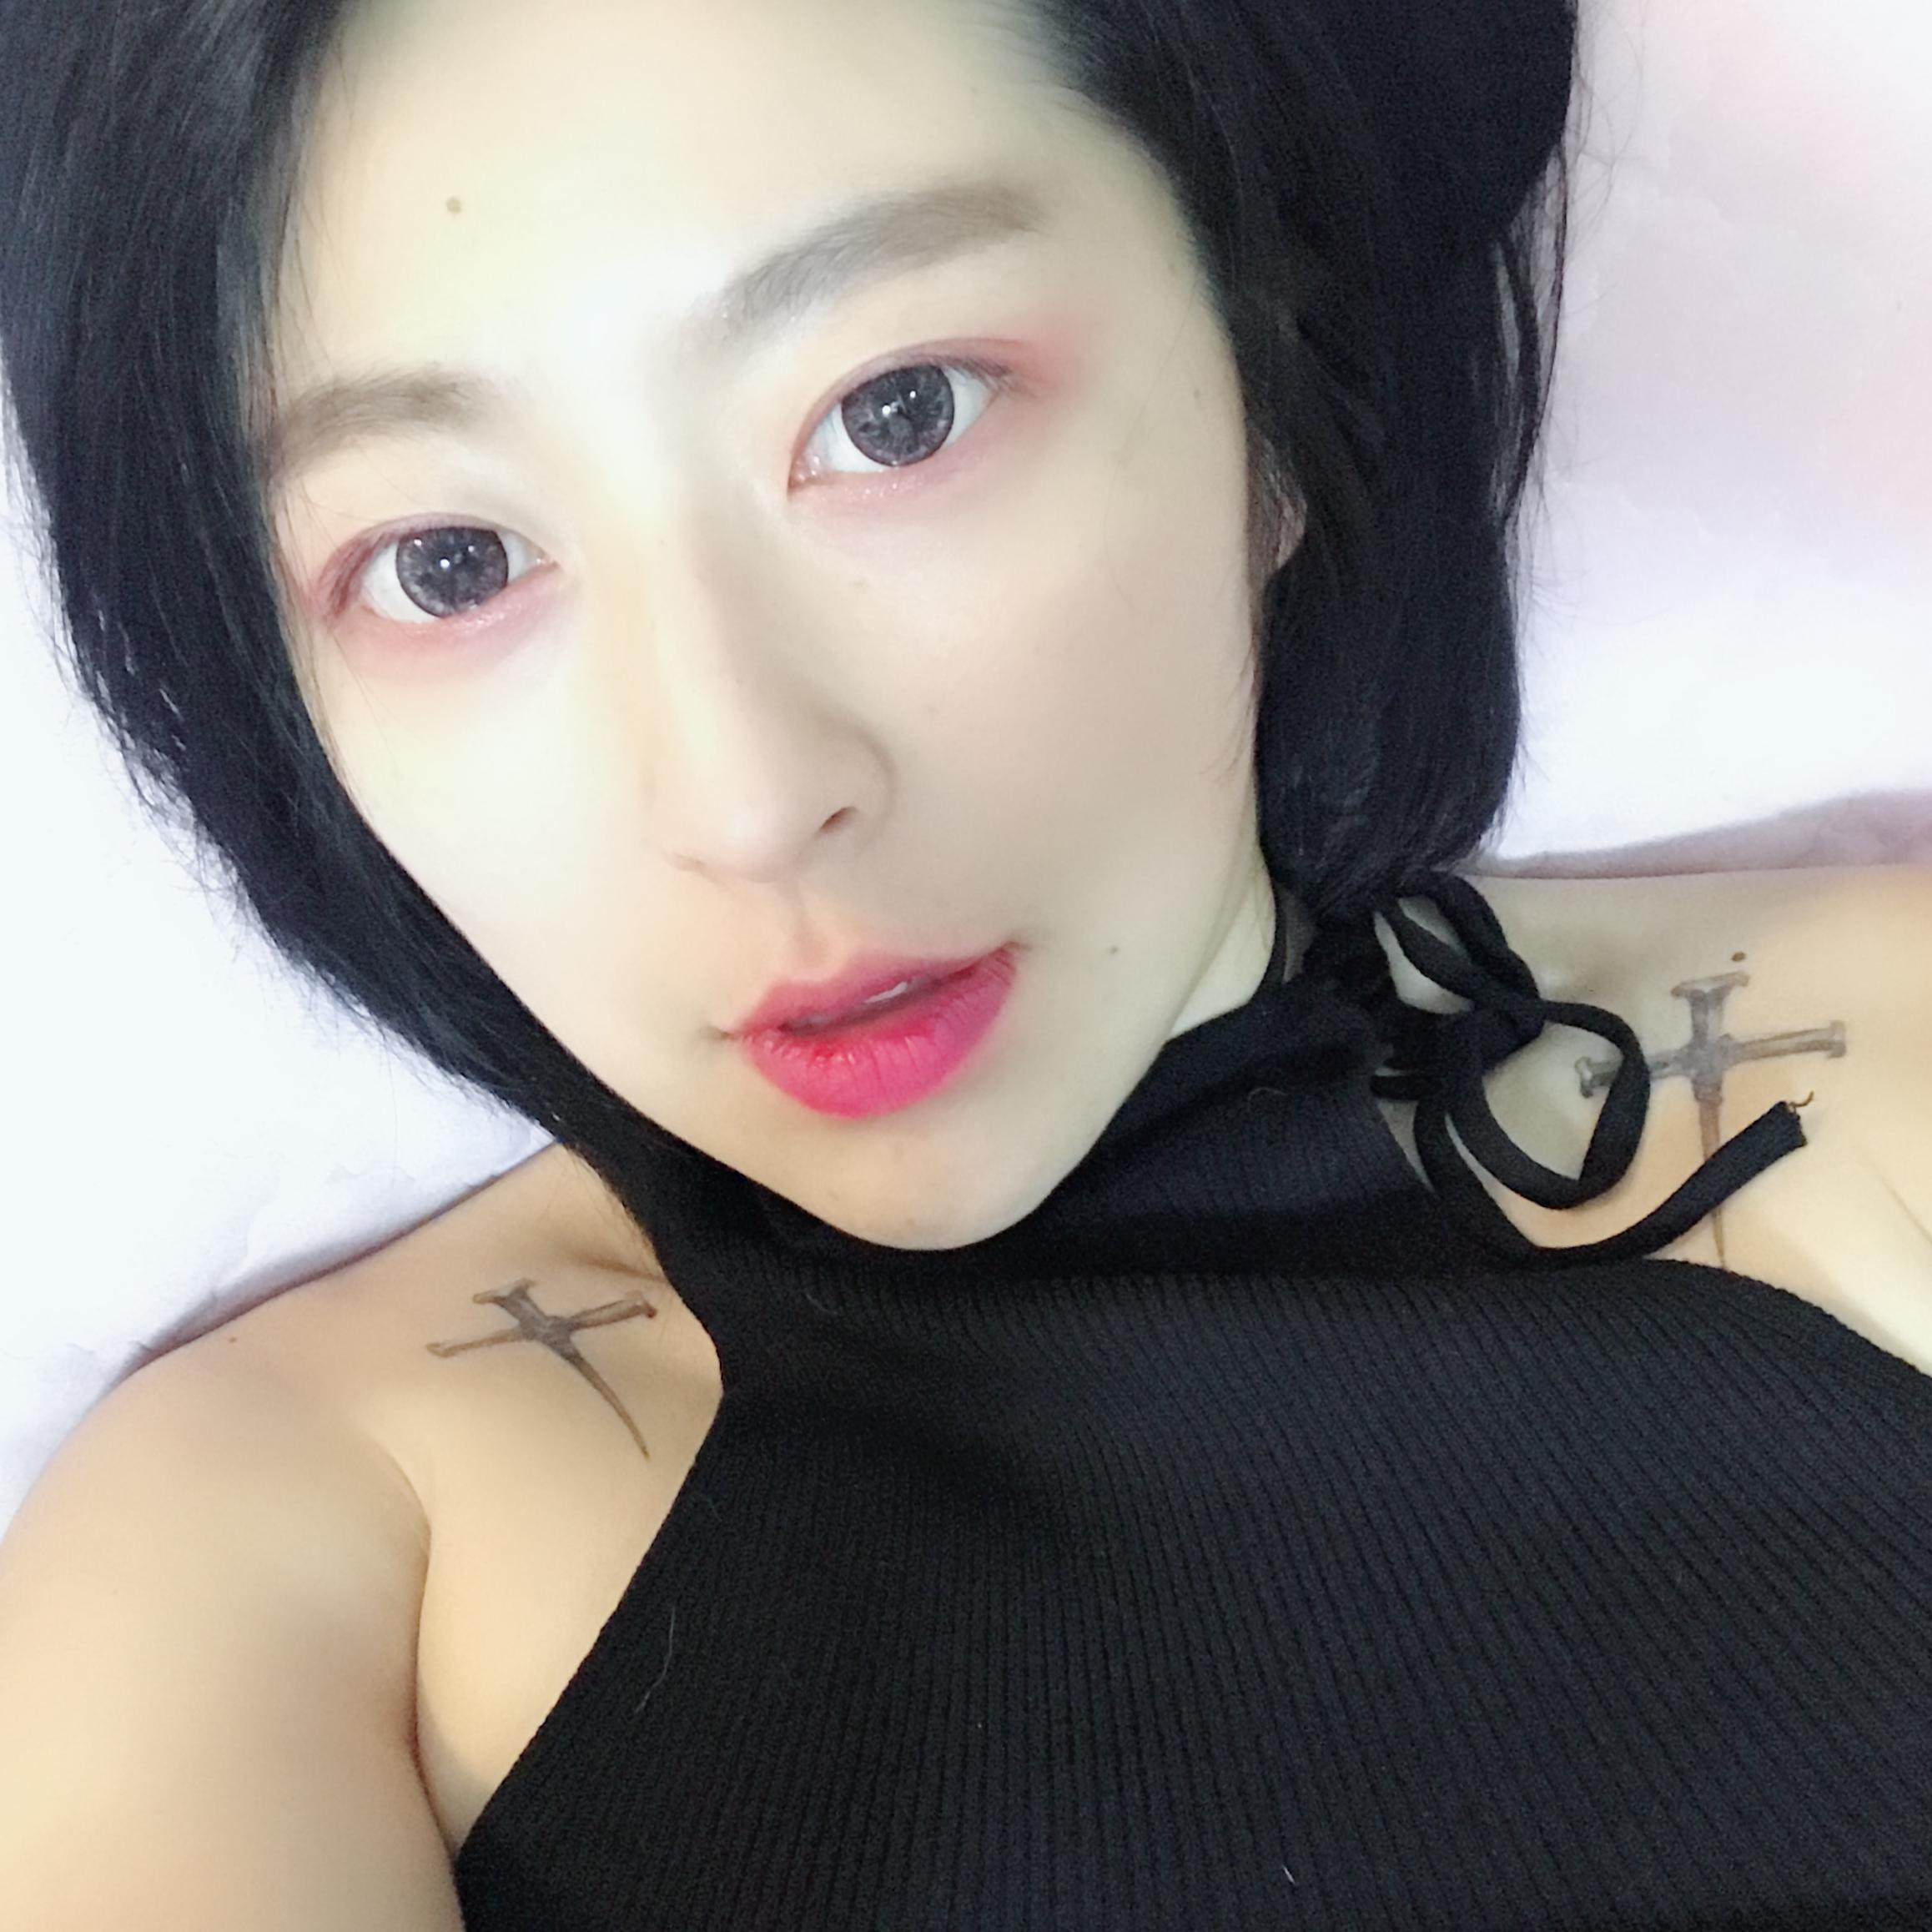 战争世界陈姿彤简谱_陈姿彤 - 歌手 - 网易云音乐